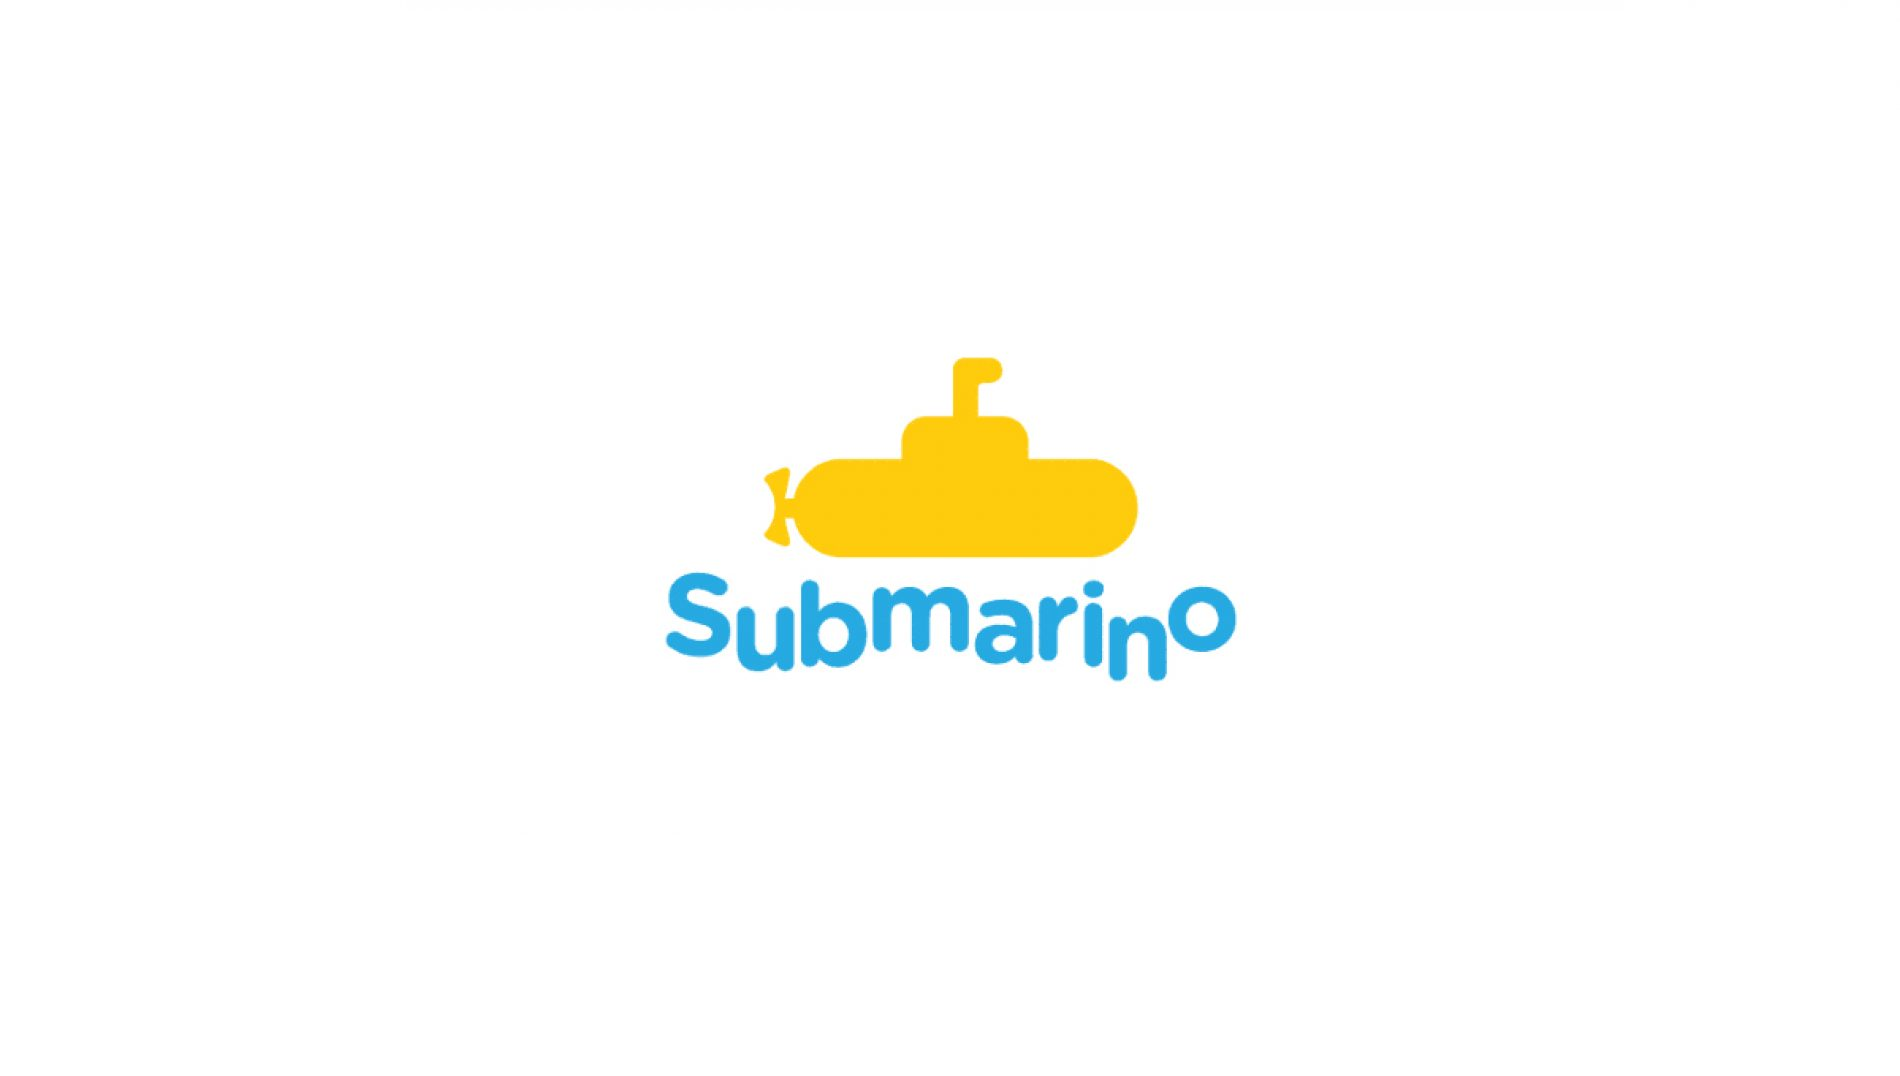 Como rastrear meus pedidos do Submarino?